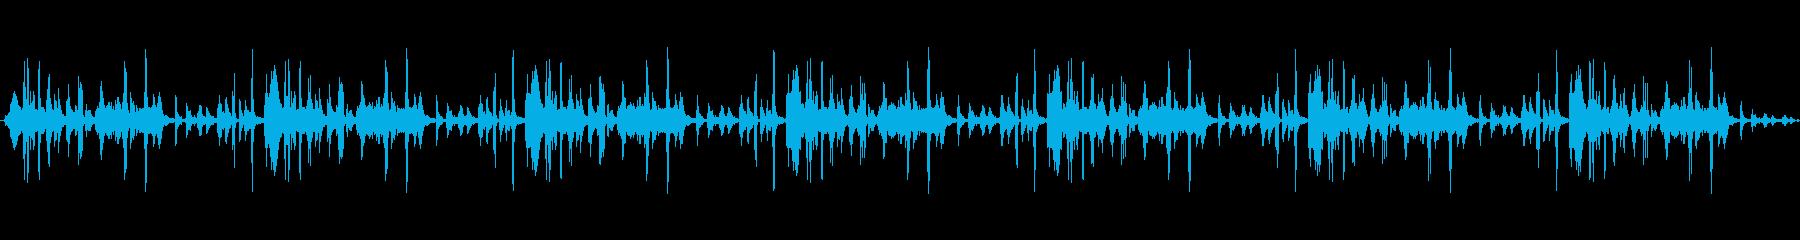 ギアの回転でクリックする機械的ファ...の再生済みの波形